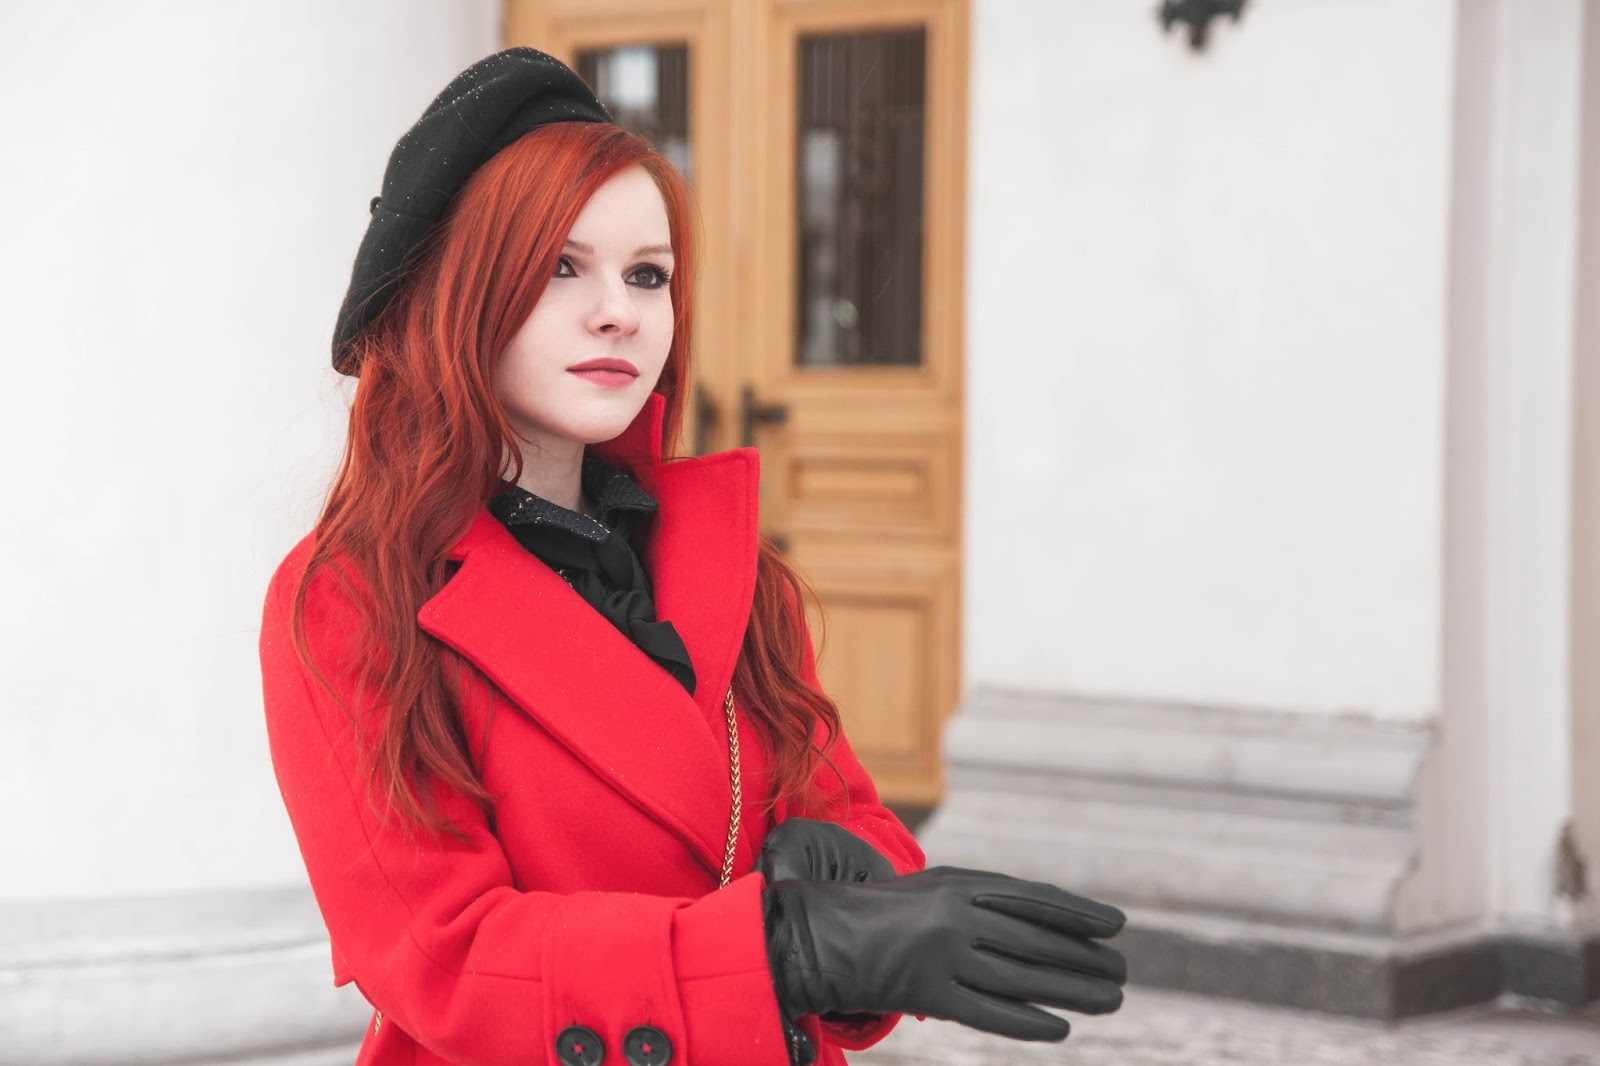 http://www.recklessdiary.ru/2018/01/Metisu-otzyvy-chto-nosit-nevysokim-blogery-malenkogo-rosta-krasnoe-palto.html